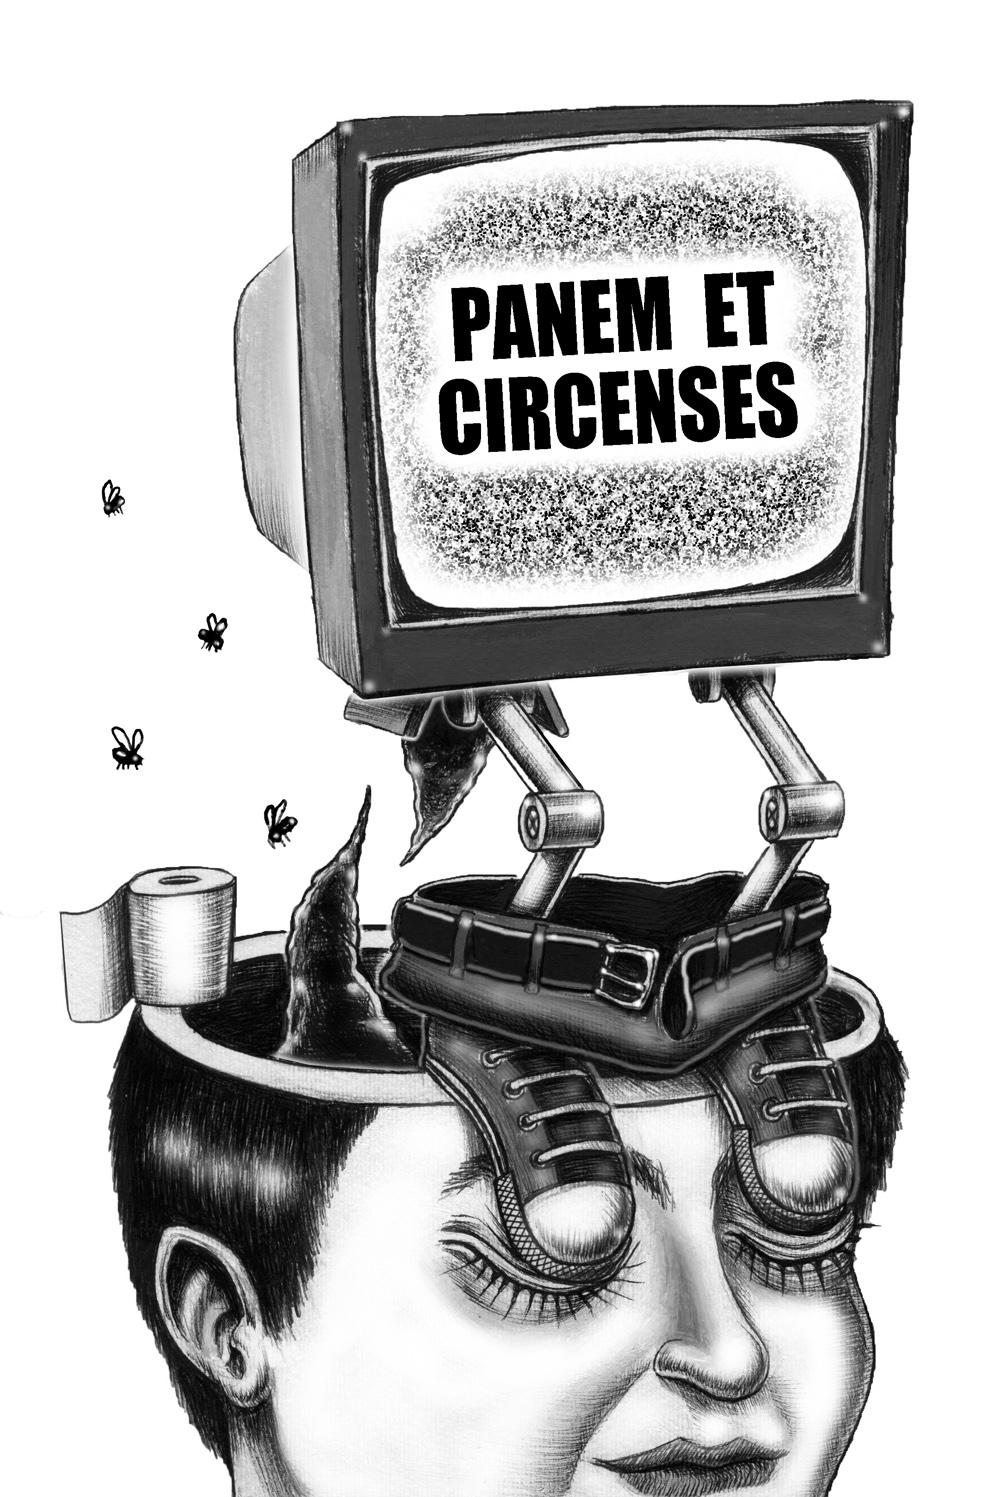 panem et circenses - graficanera - NO COPYRIGHT